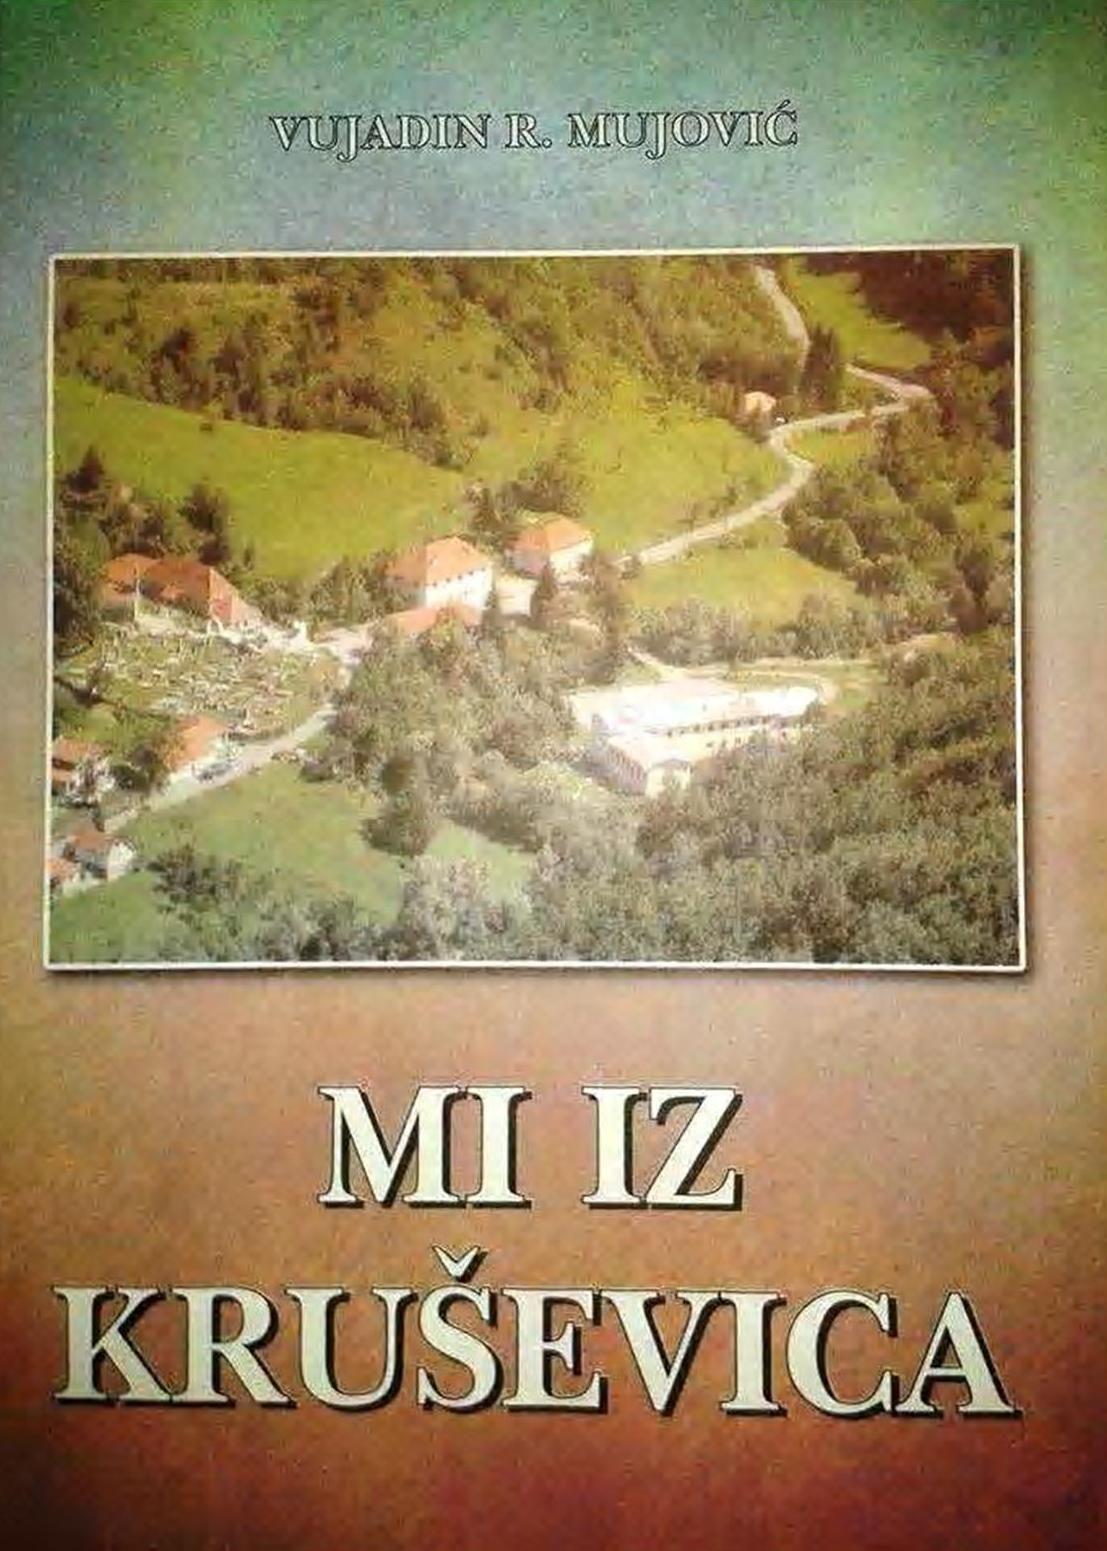 Koрице Књиге Мујовића из Крушевица